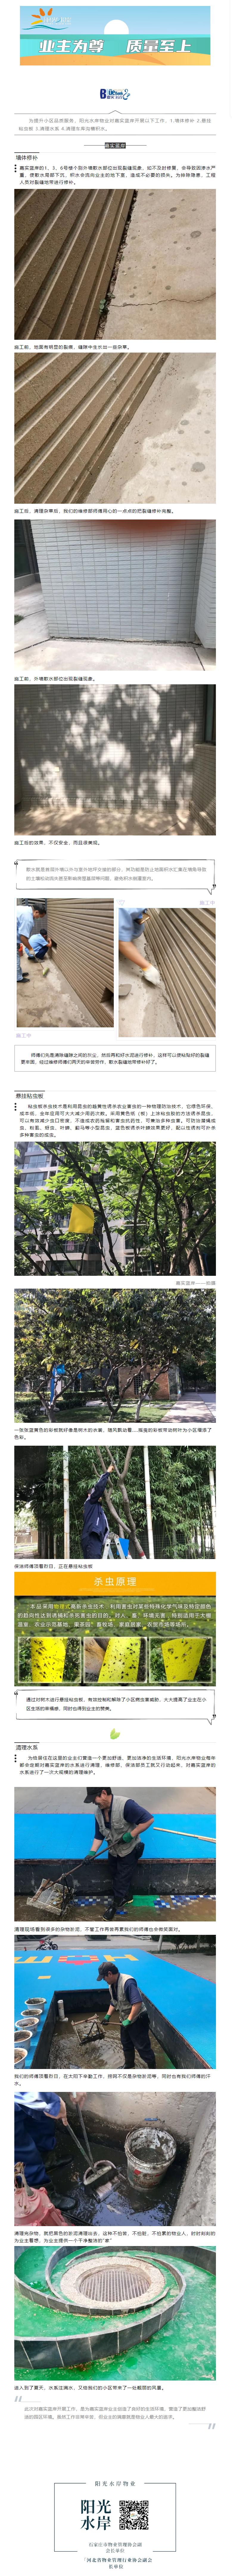 """嘉实蓝岸 _ 创造美好的""""家"""".png"""